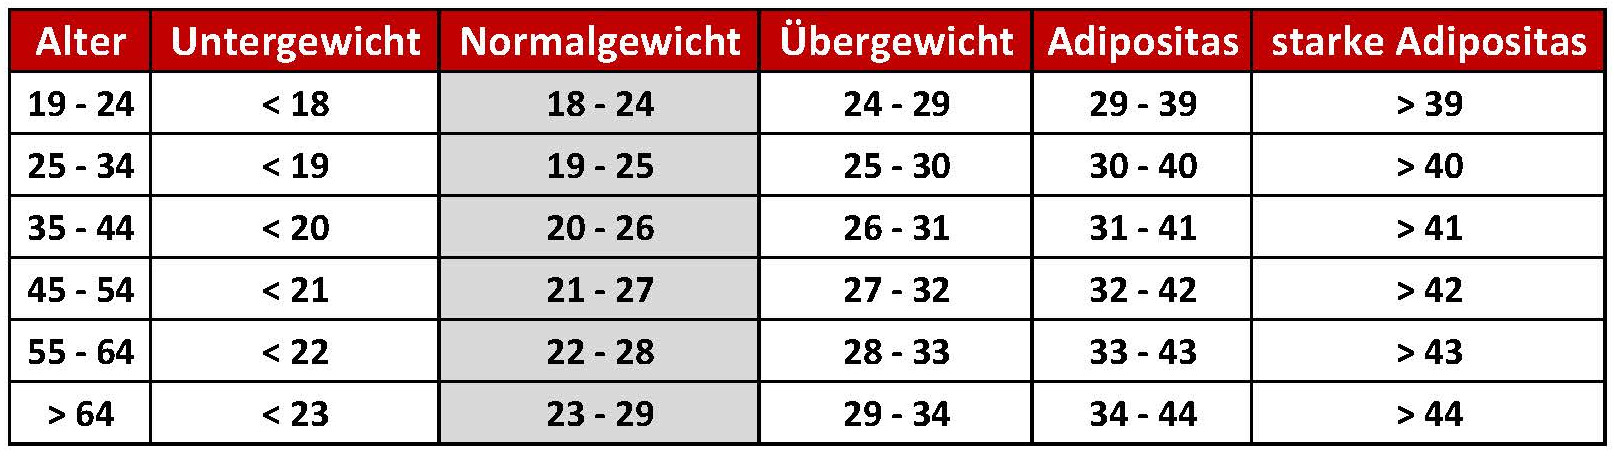 Tabelle 26 bmi frau ᐅ BMI